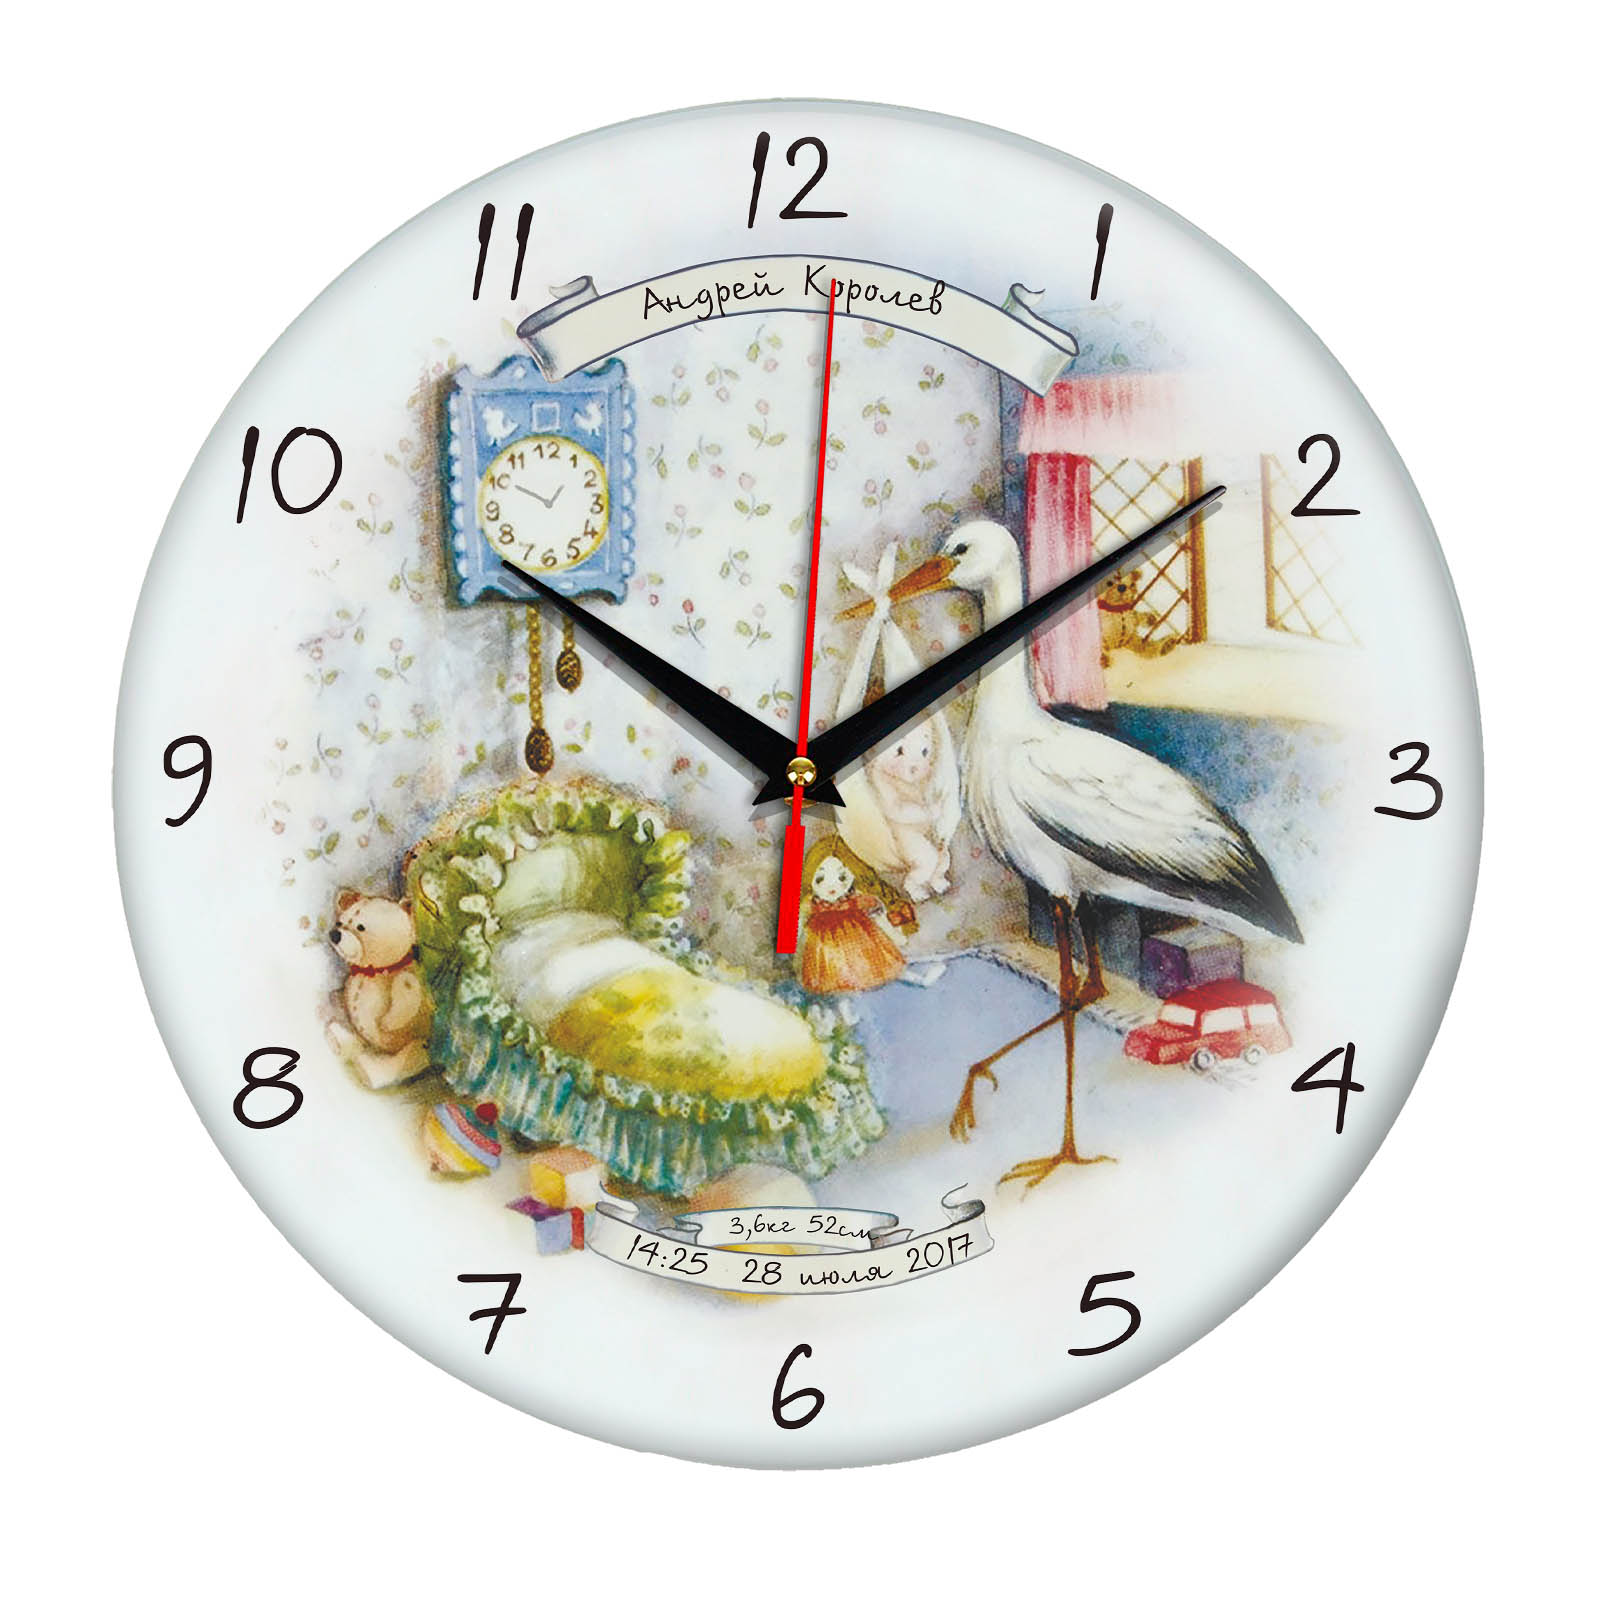 подарок на рождение ребенка - именные часы с указанием веса, даты, времени, фамилии и имени ребенка